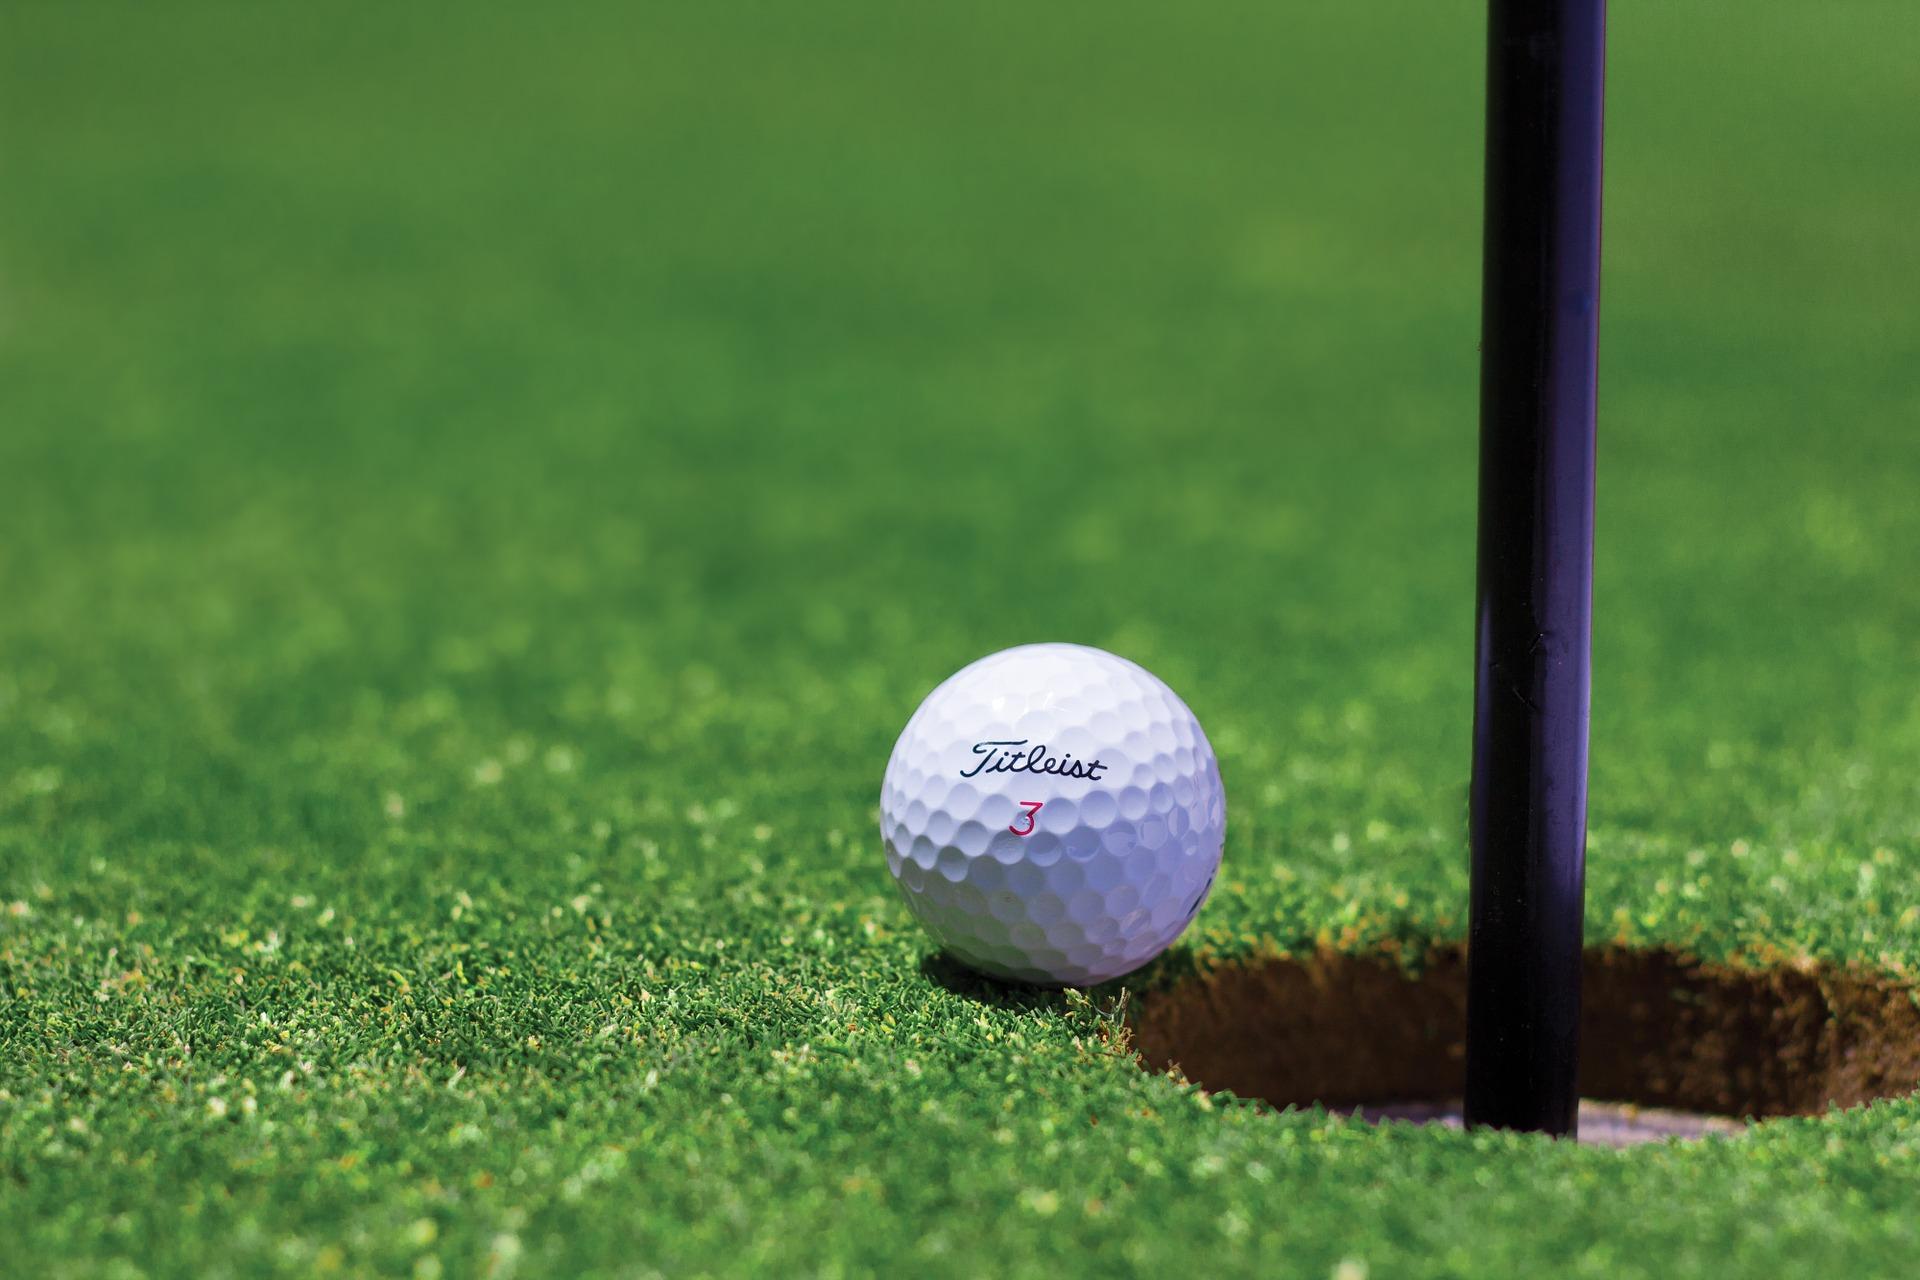 Wentworh golf trip